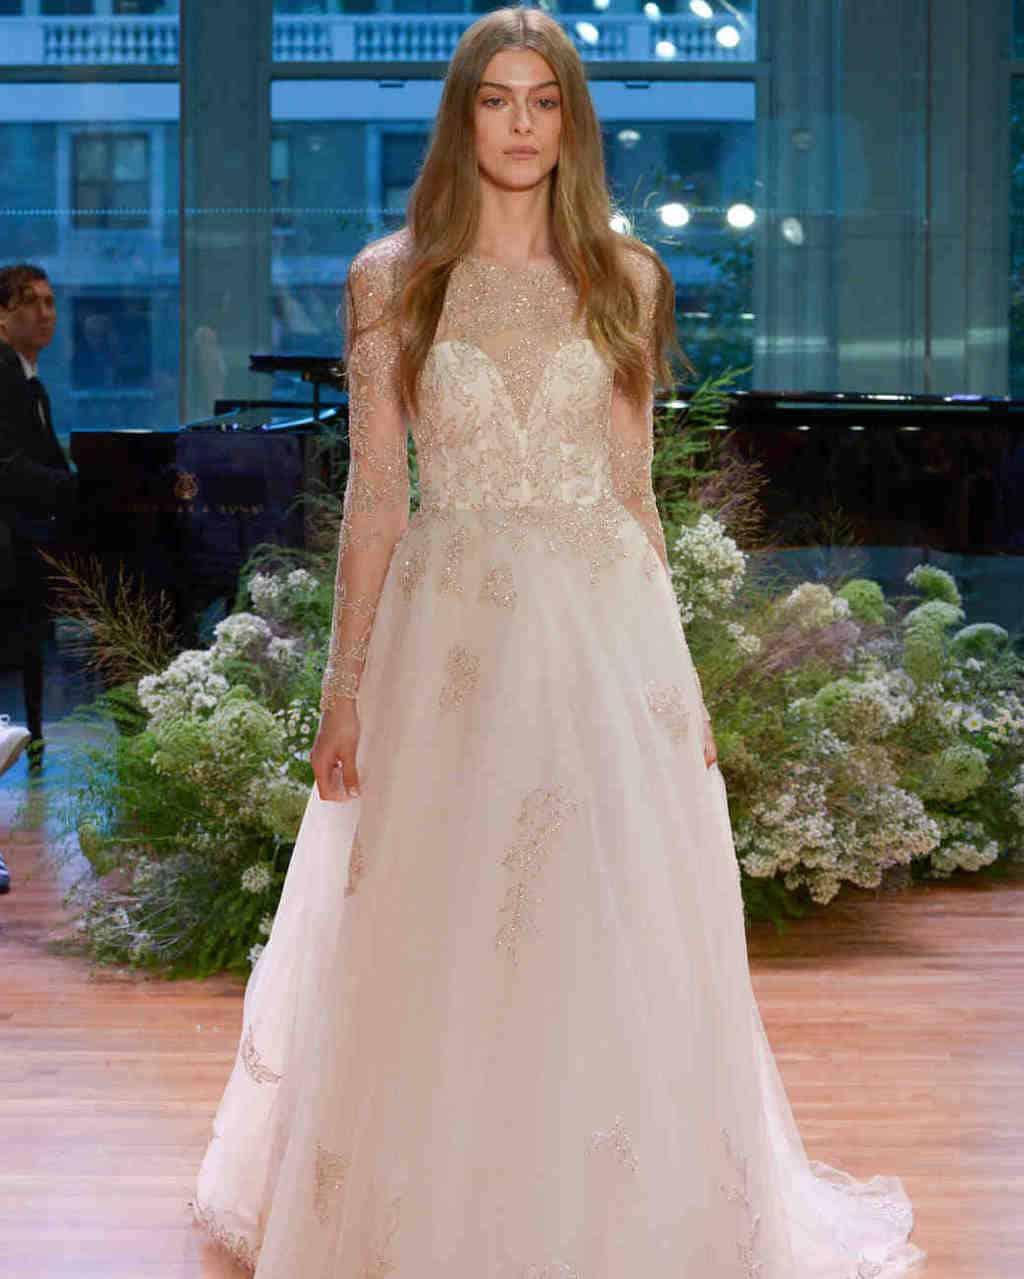 Monique-Lhuillier-wedding-dress-fall2017-62033510-005_vert